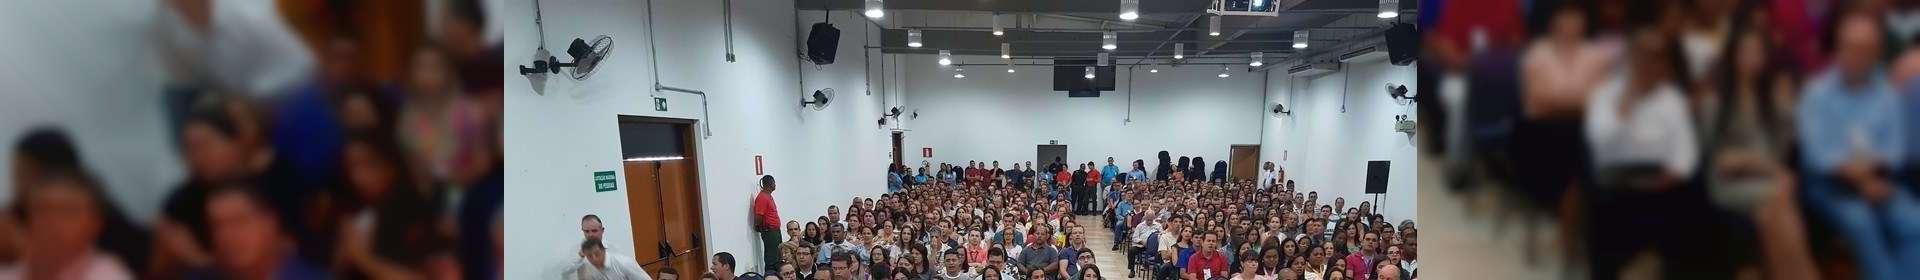 Seminário da Igreja Cristã Maranata em Muriaé, Minas Gerais, reúne cerca de 500 pessoas